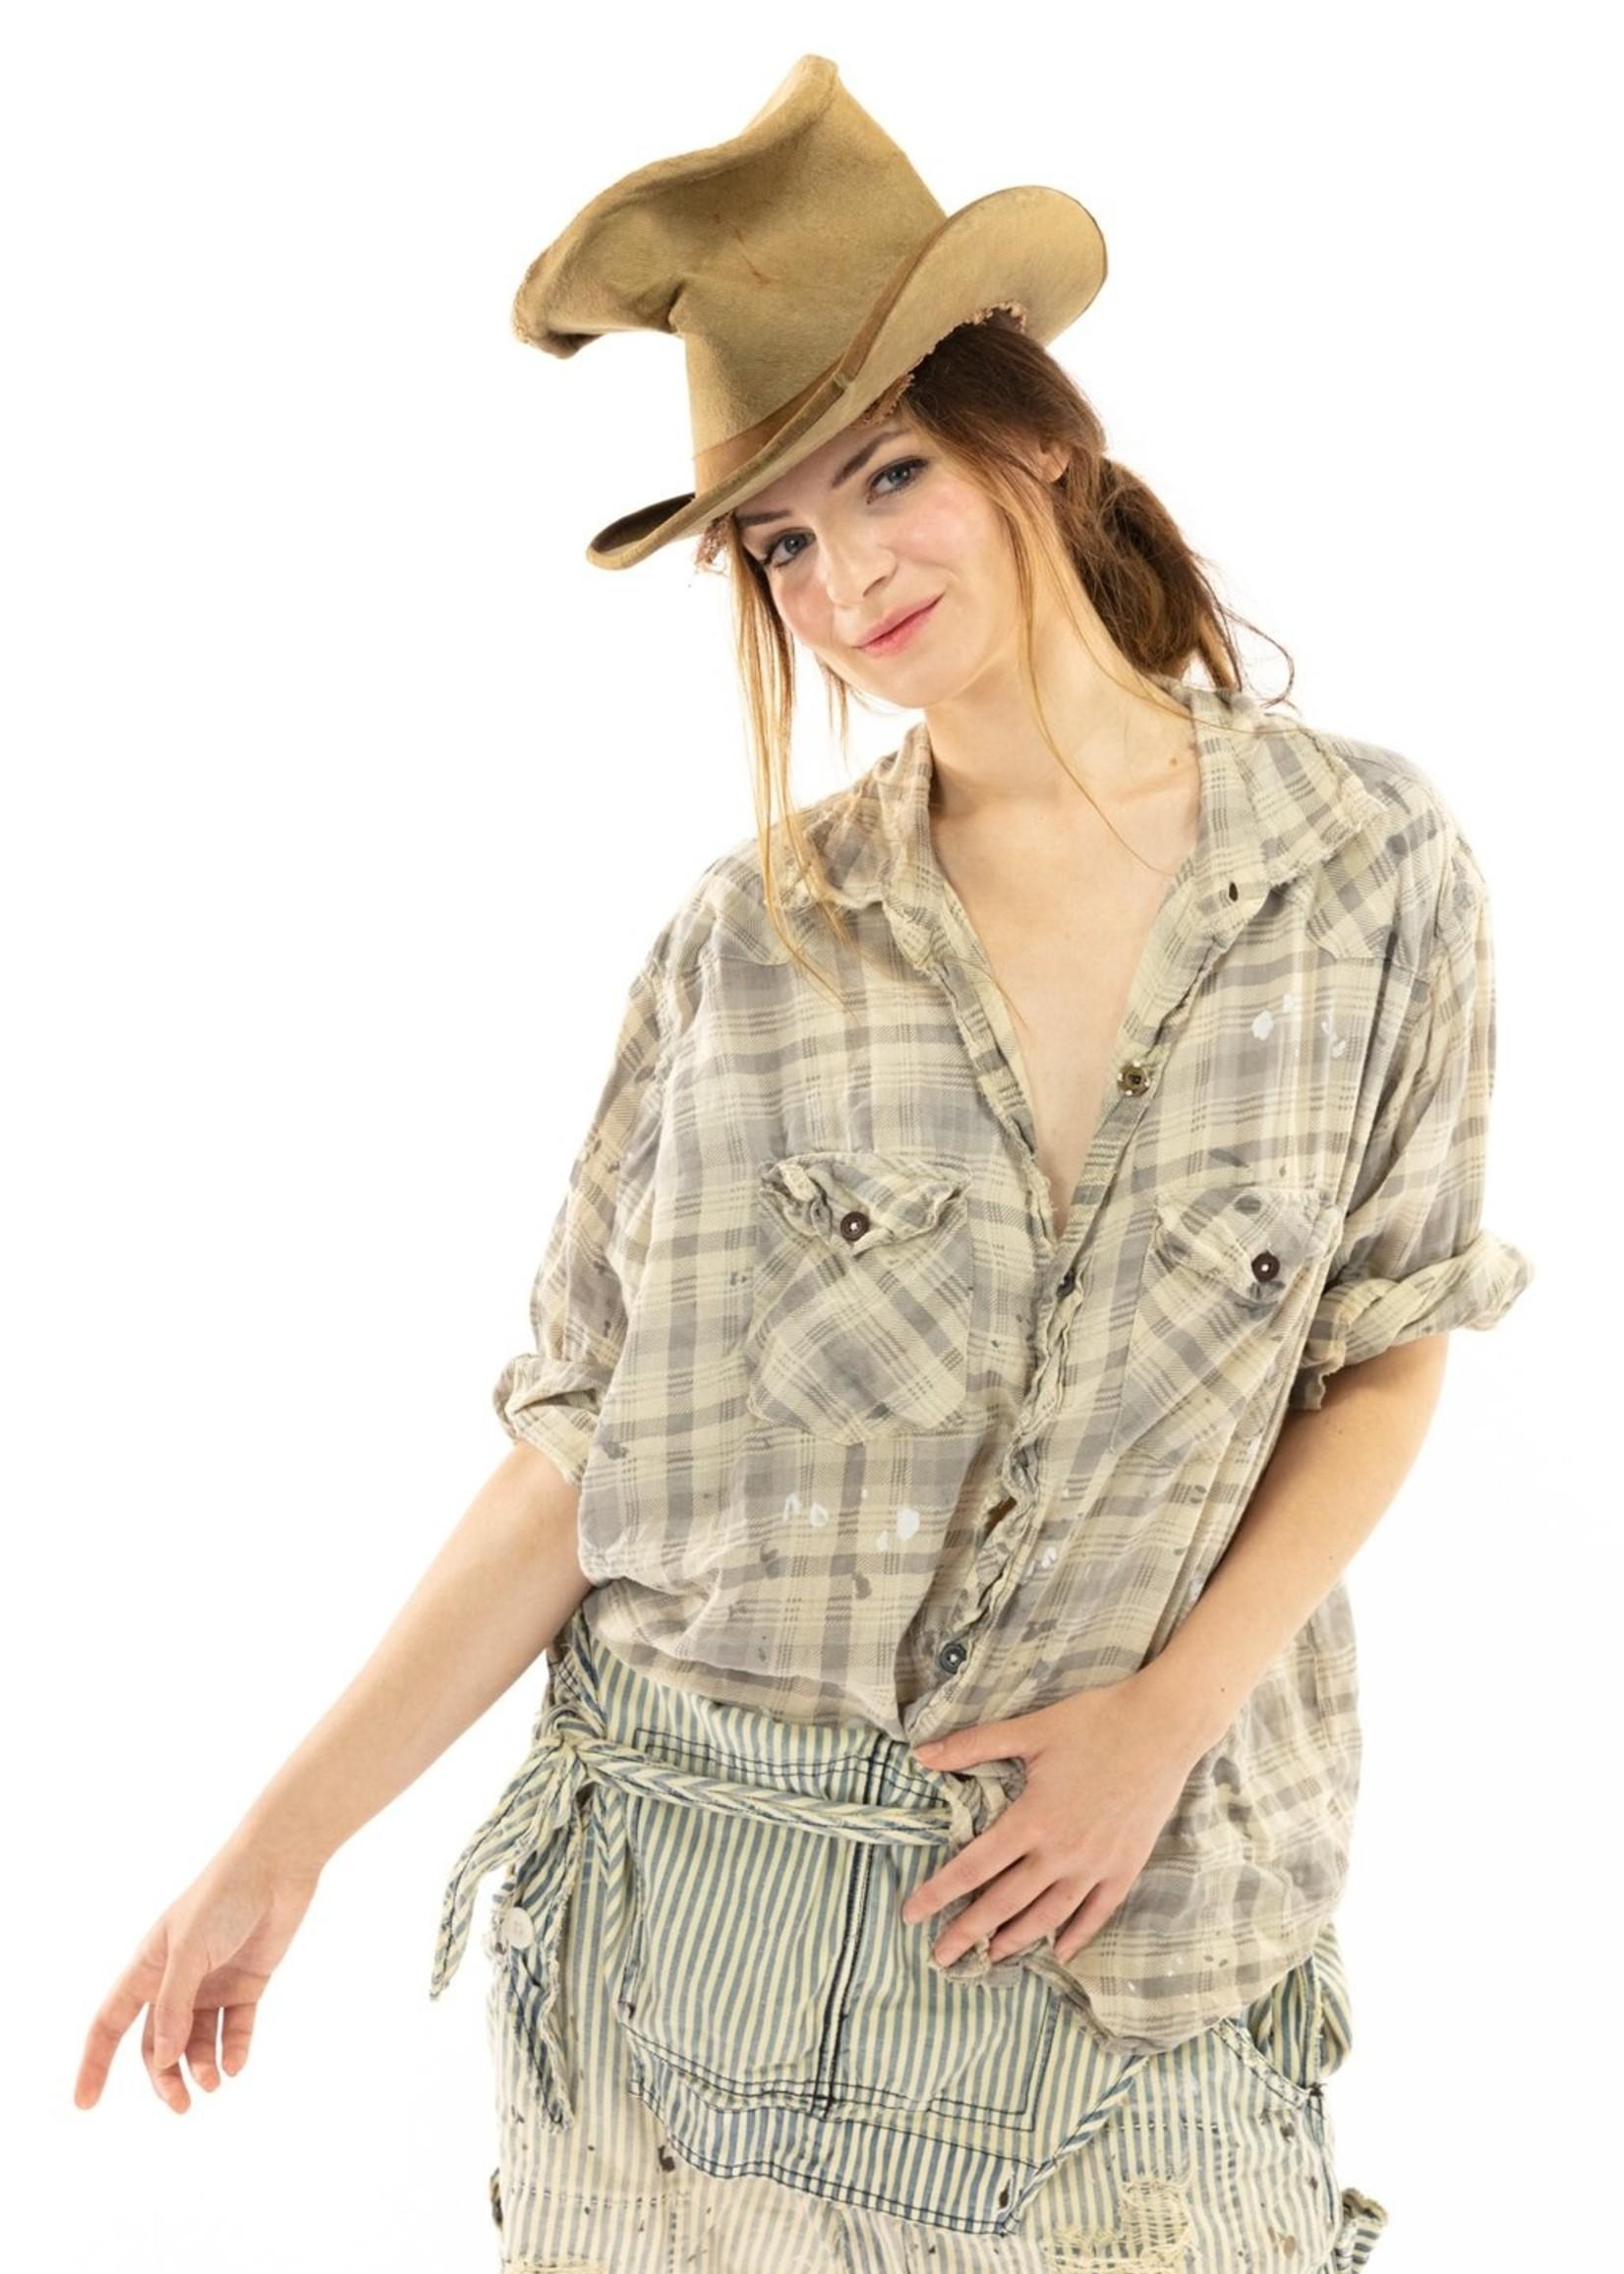 Magnolia Pearl Kelly Western Shirt - Jenny